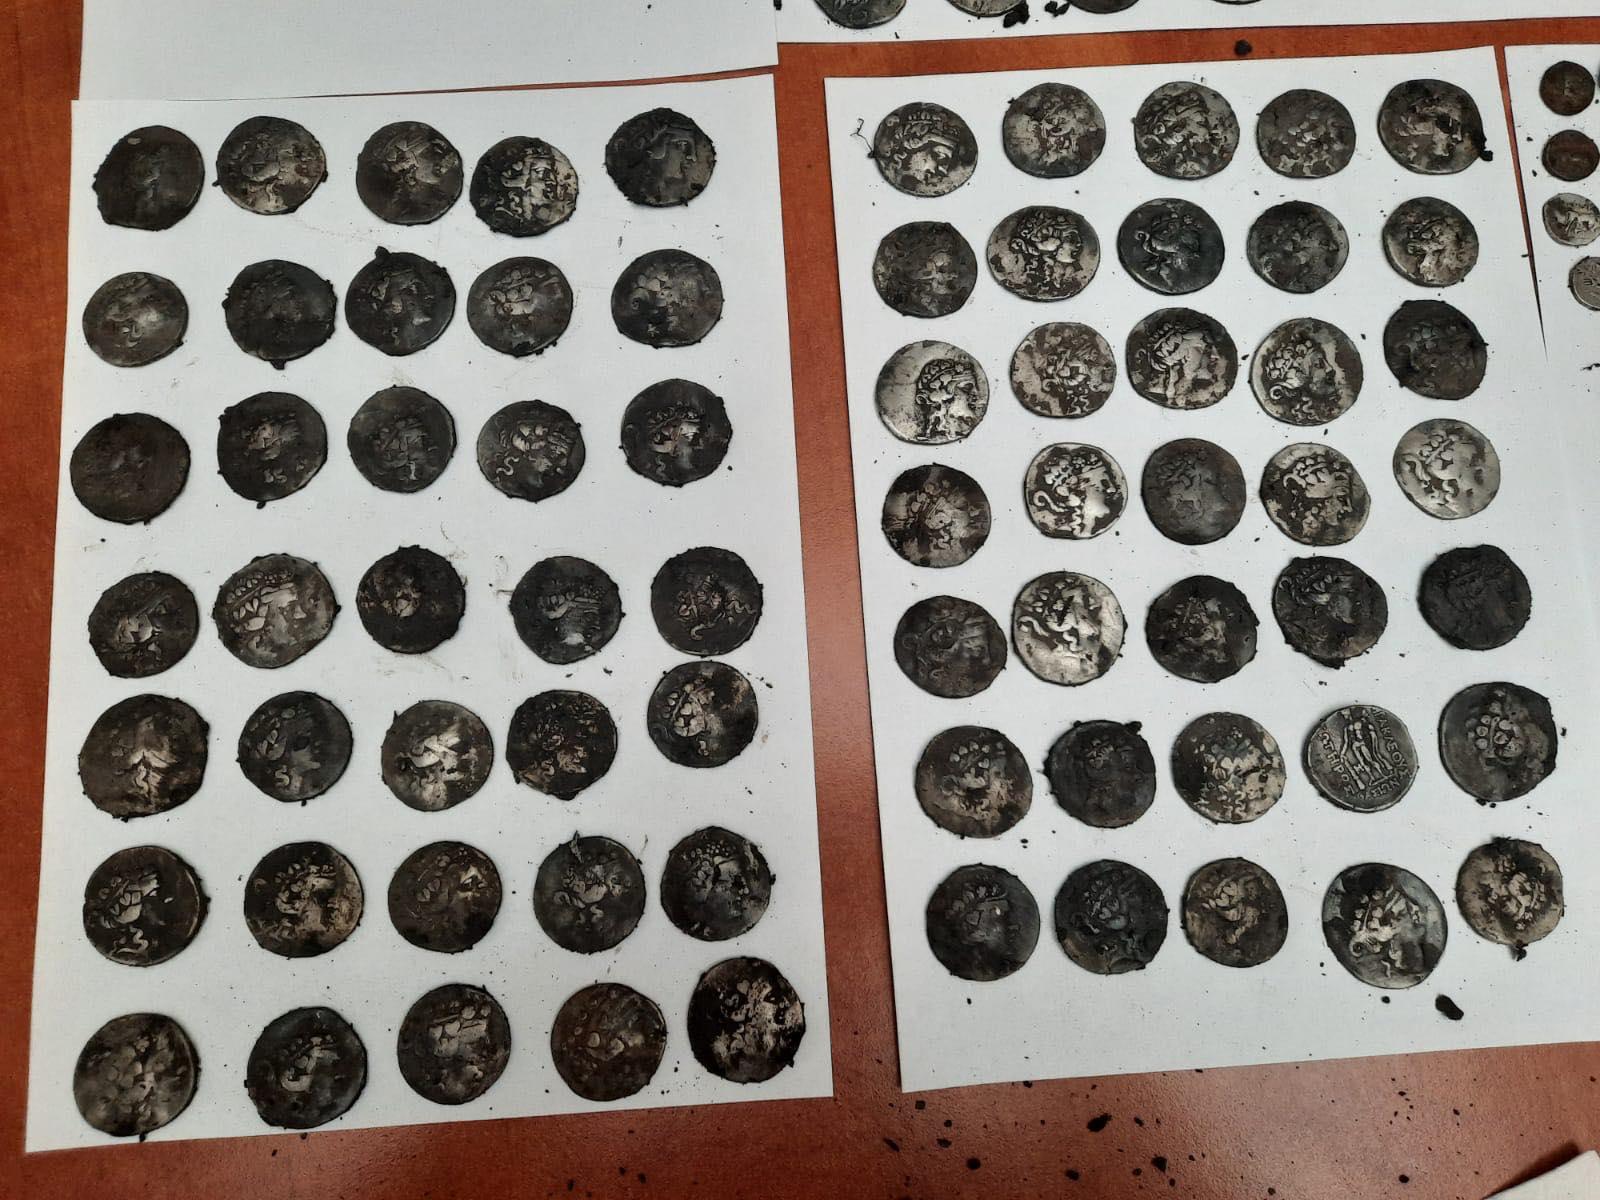 Peste 200 de monede antice au fost descoperite într-o pădure de lângă București